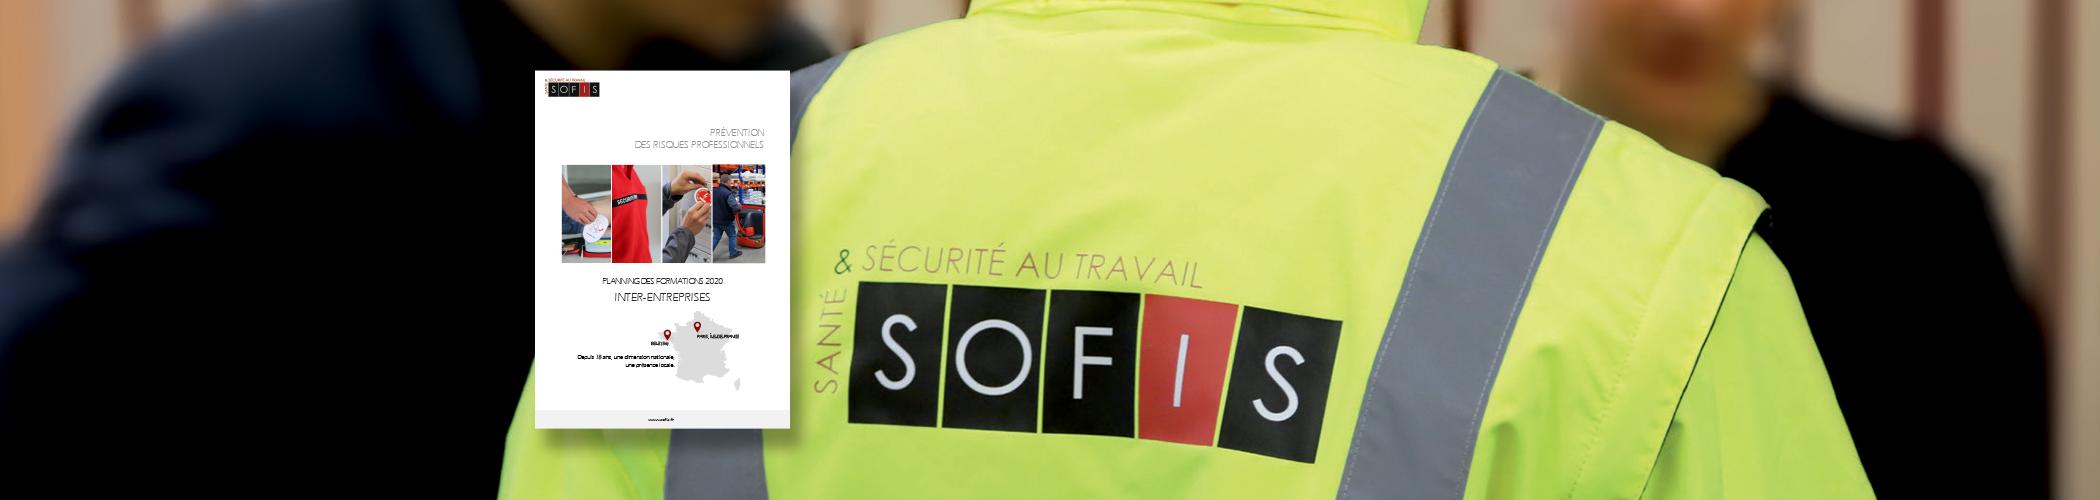 Notre planning inter-entreprises Paris - Belz est en ligne, inscriptions dès maintenant